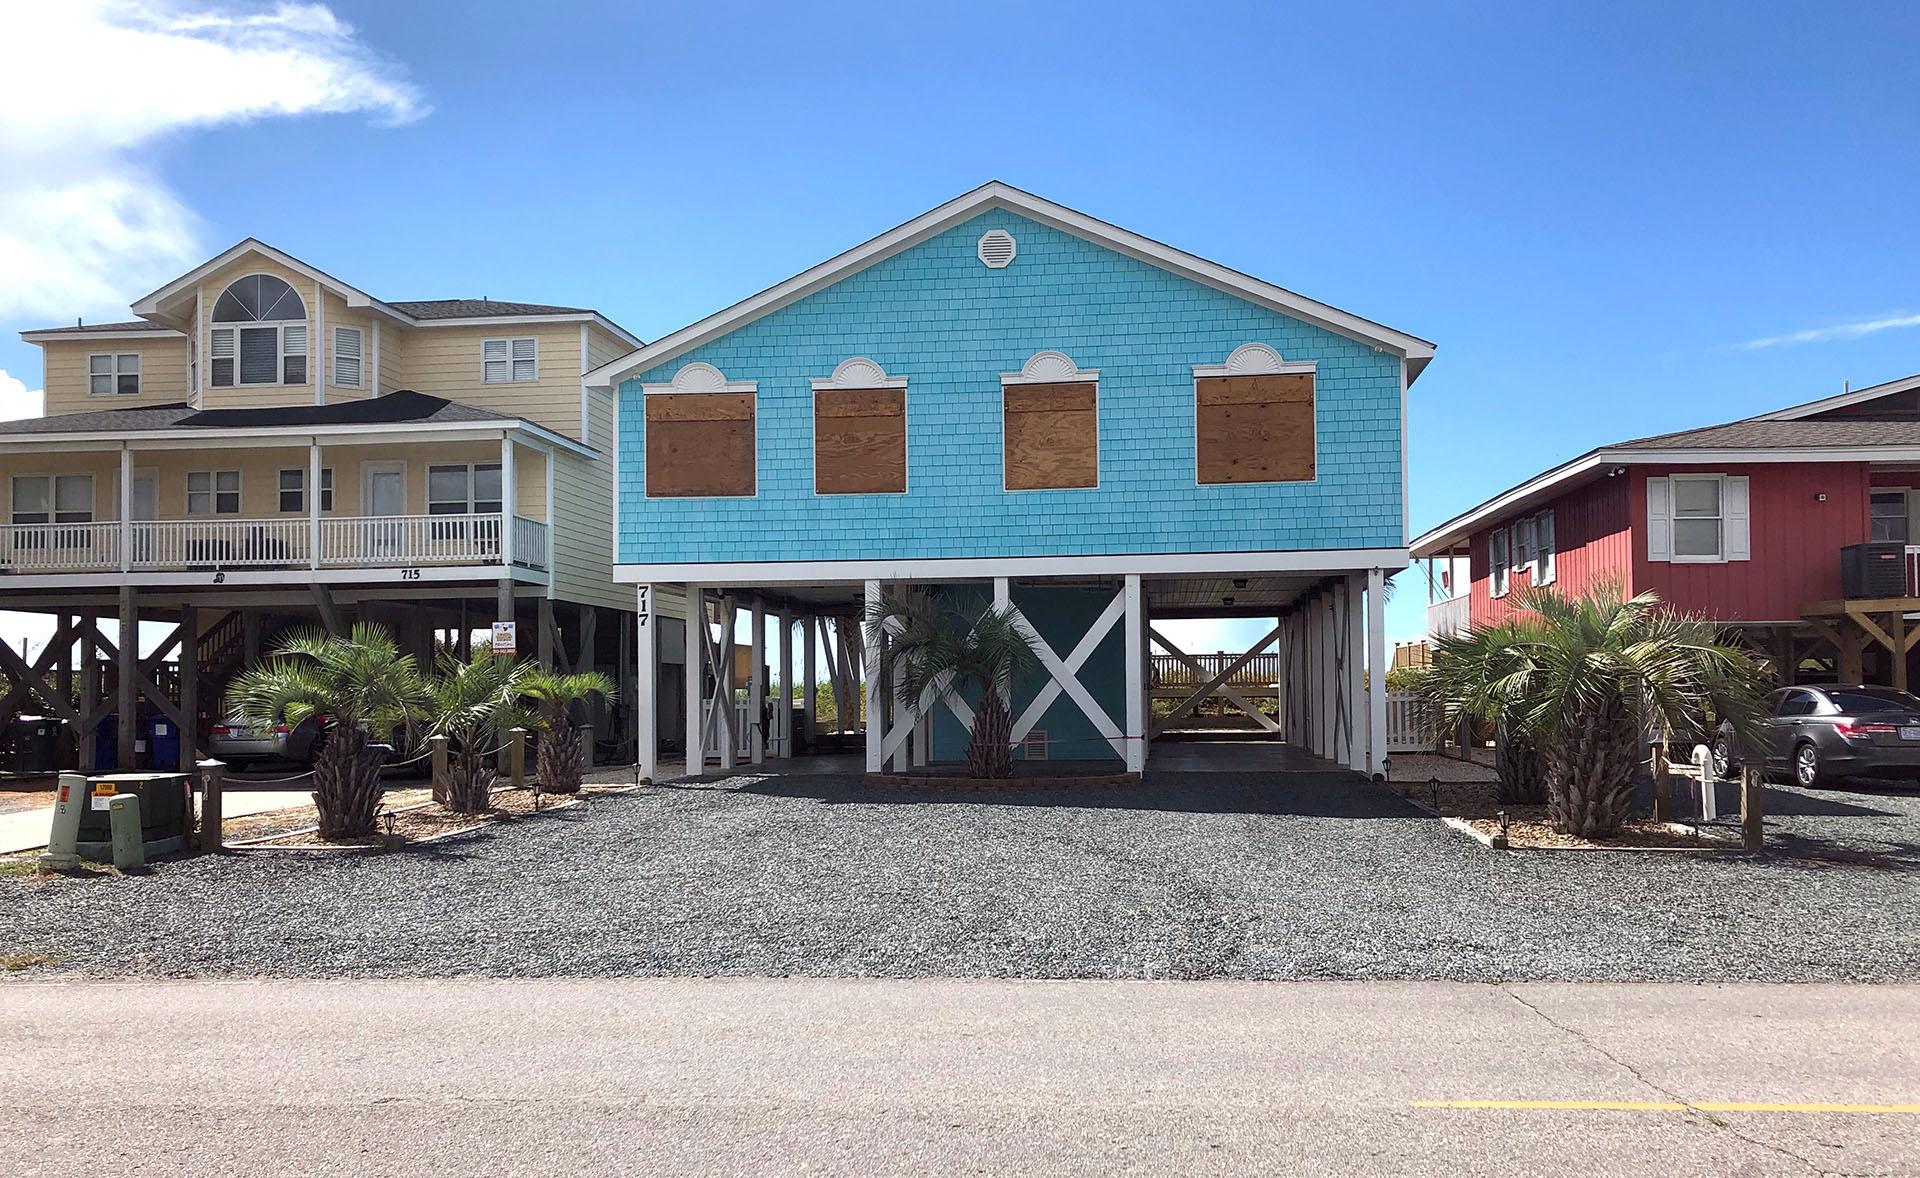 Las casas tapiadas antes de la llegada del huracán Florence, en Holden Beach, Carolina del Norte (REUTERS/Anna Driver)